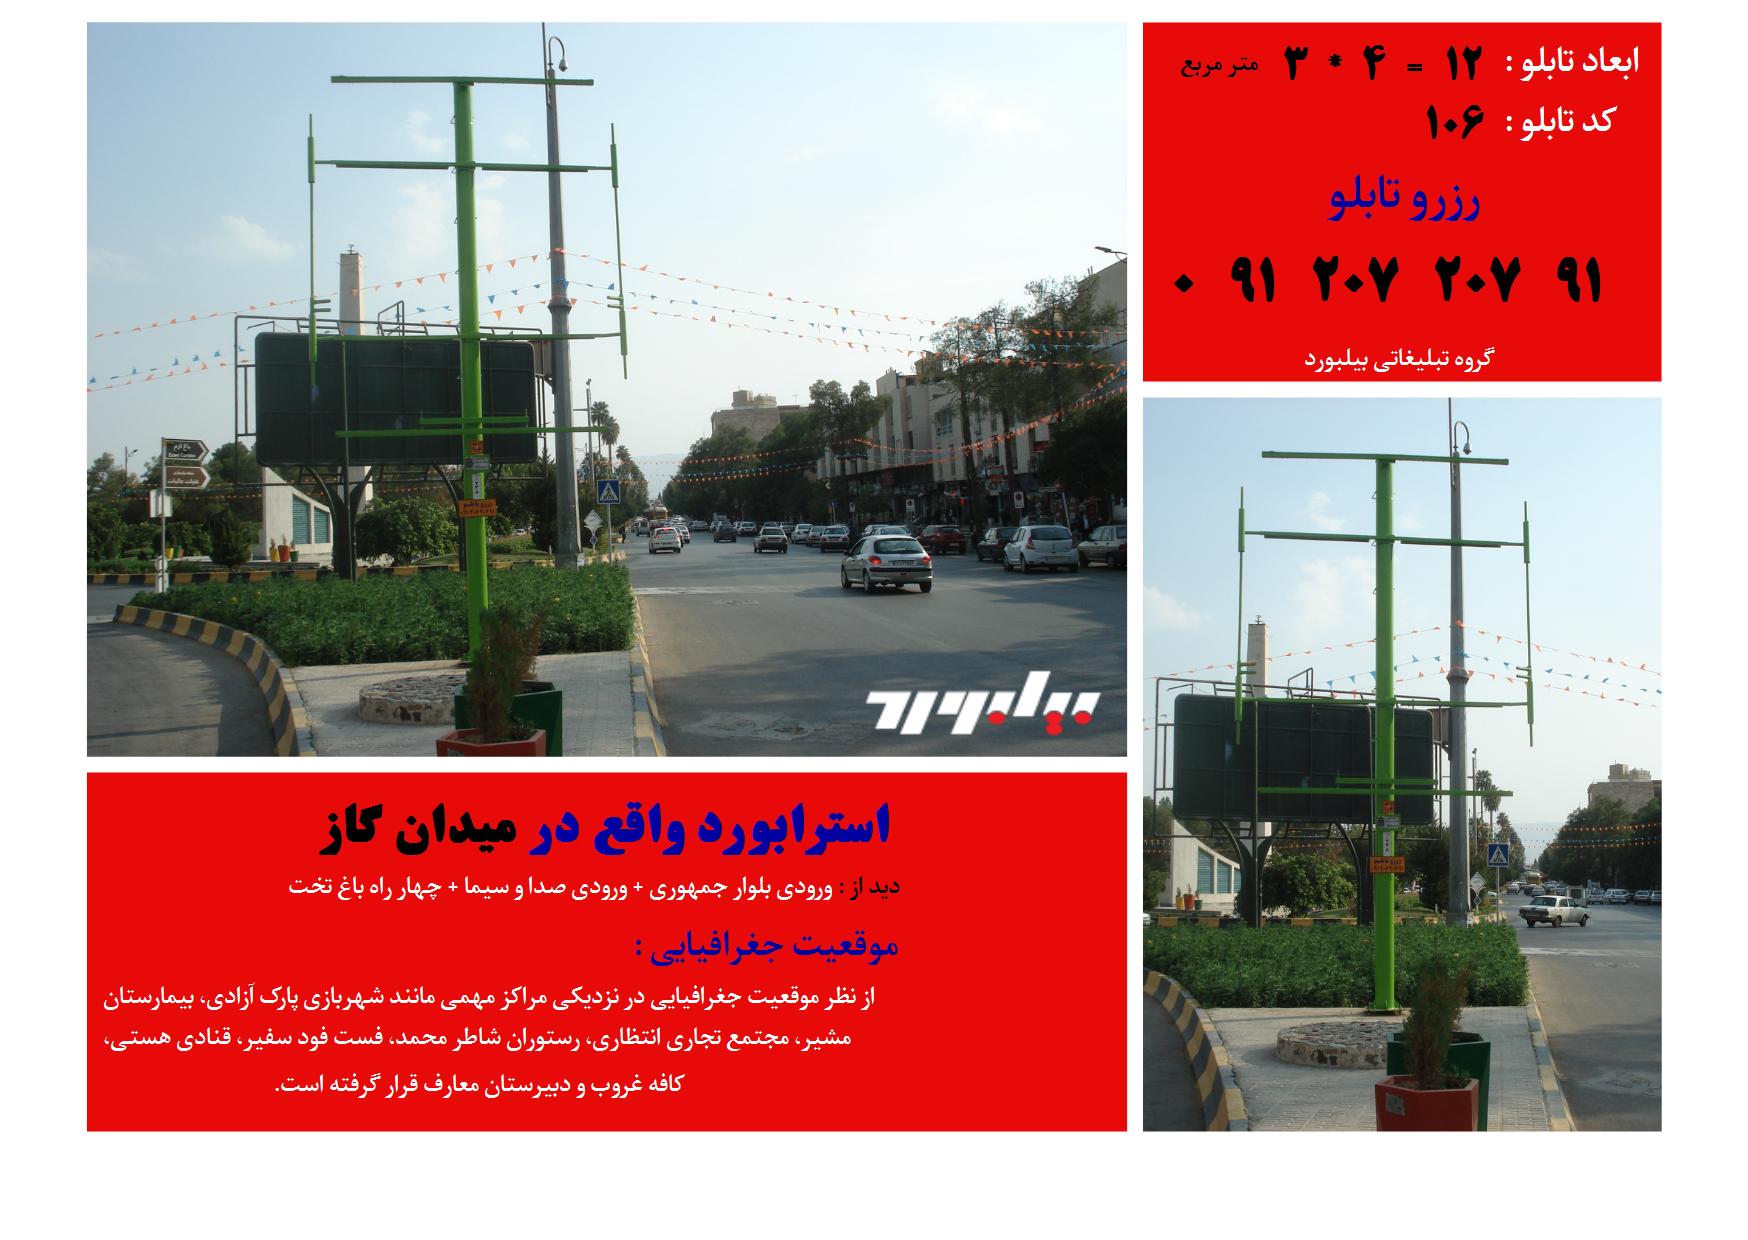 اجاره تابلو تبلیغات محیطی در شیراز|تبلیغات محیطی|فارس شیراز|ثبت آگهی رایگان - بیلبورد